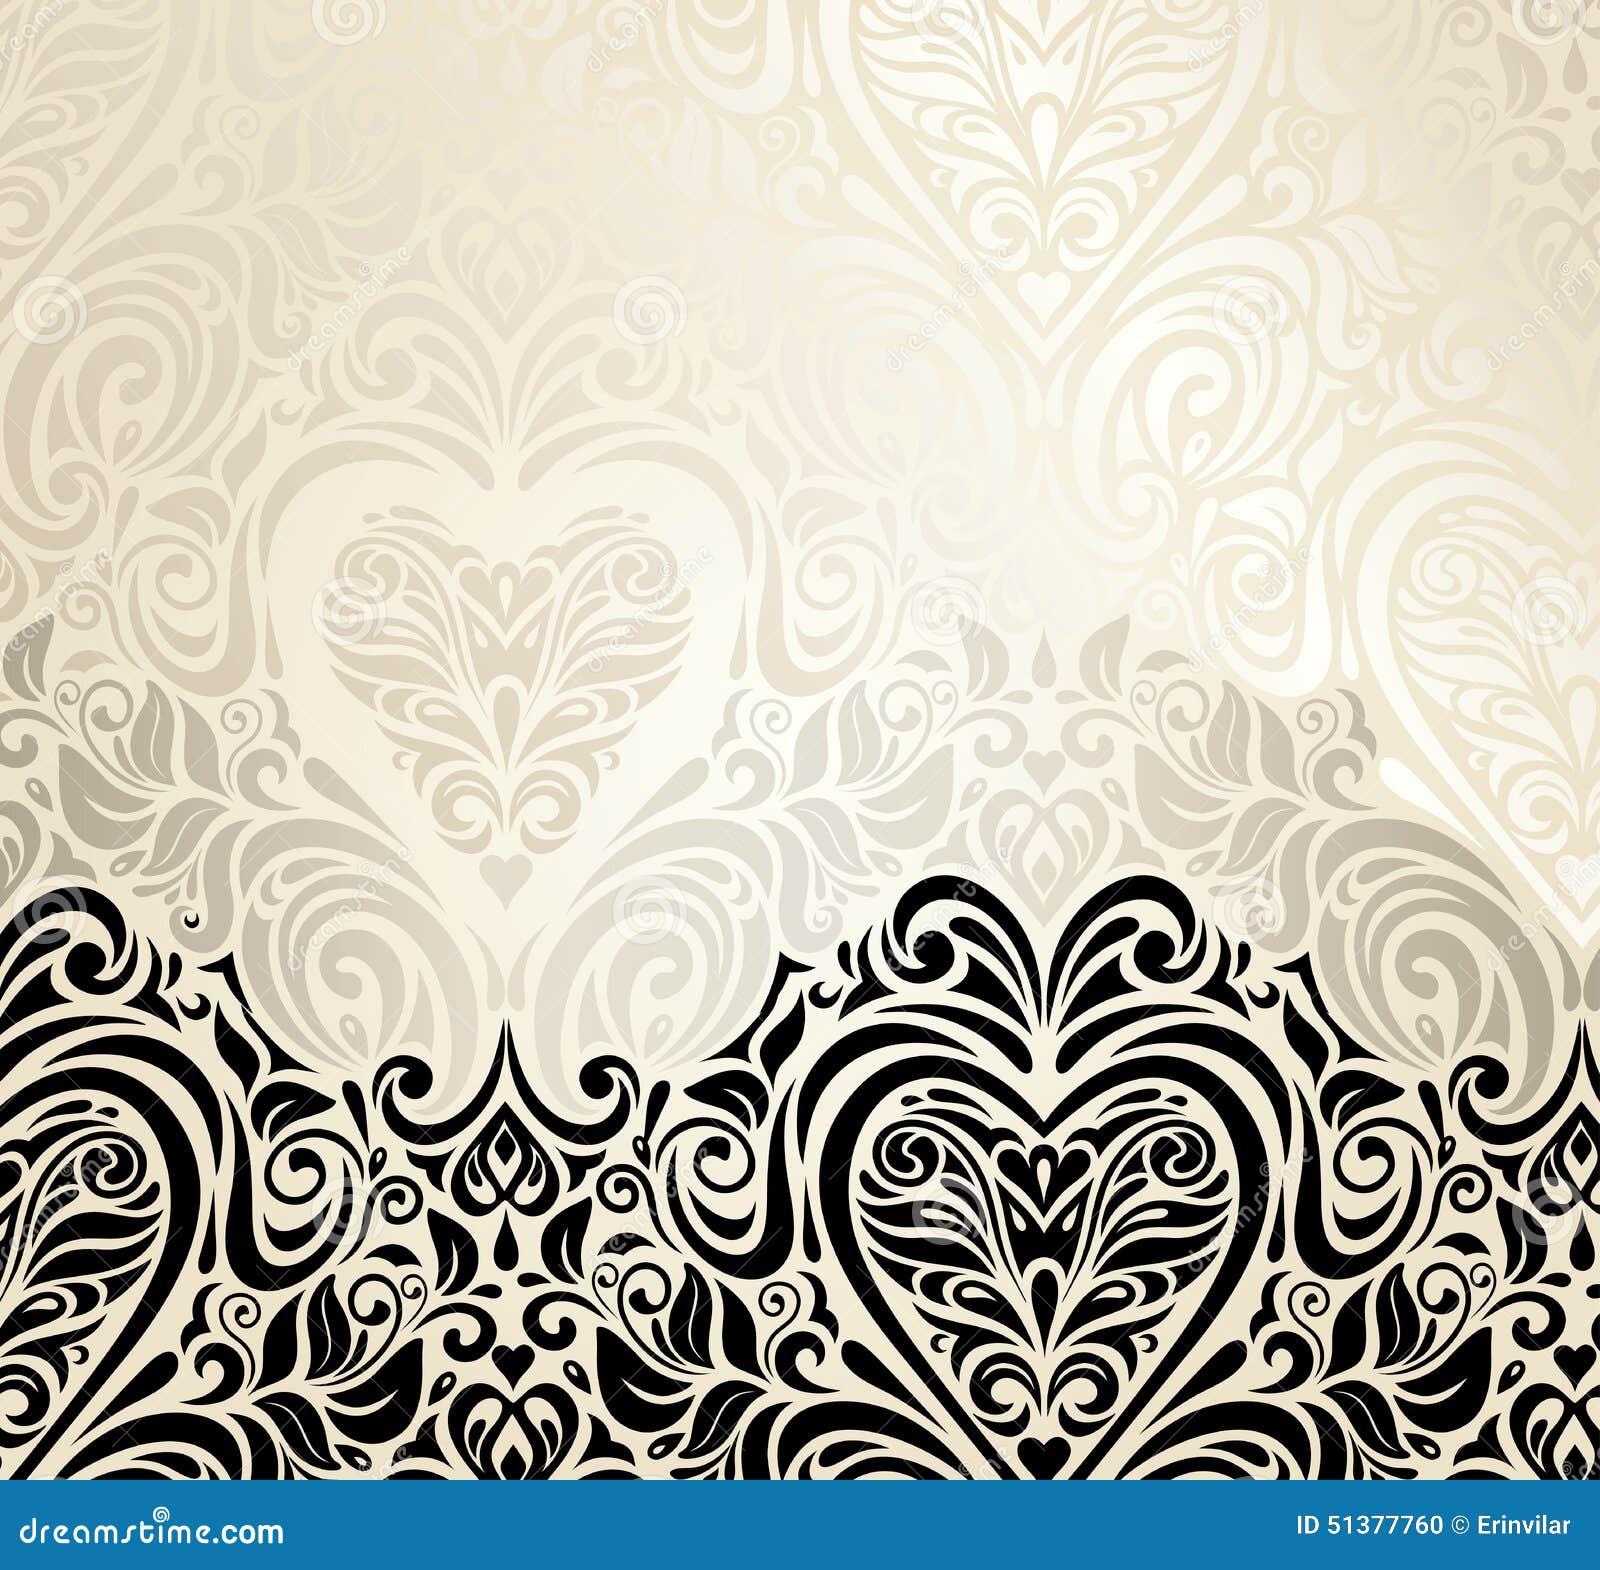 black wedding backgrounds - photo #26